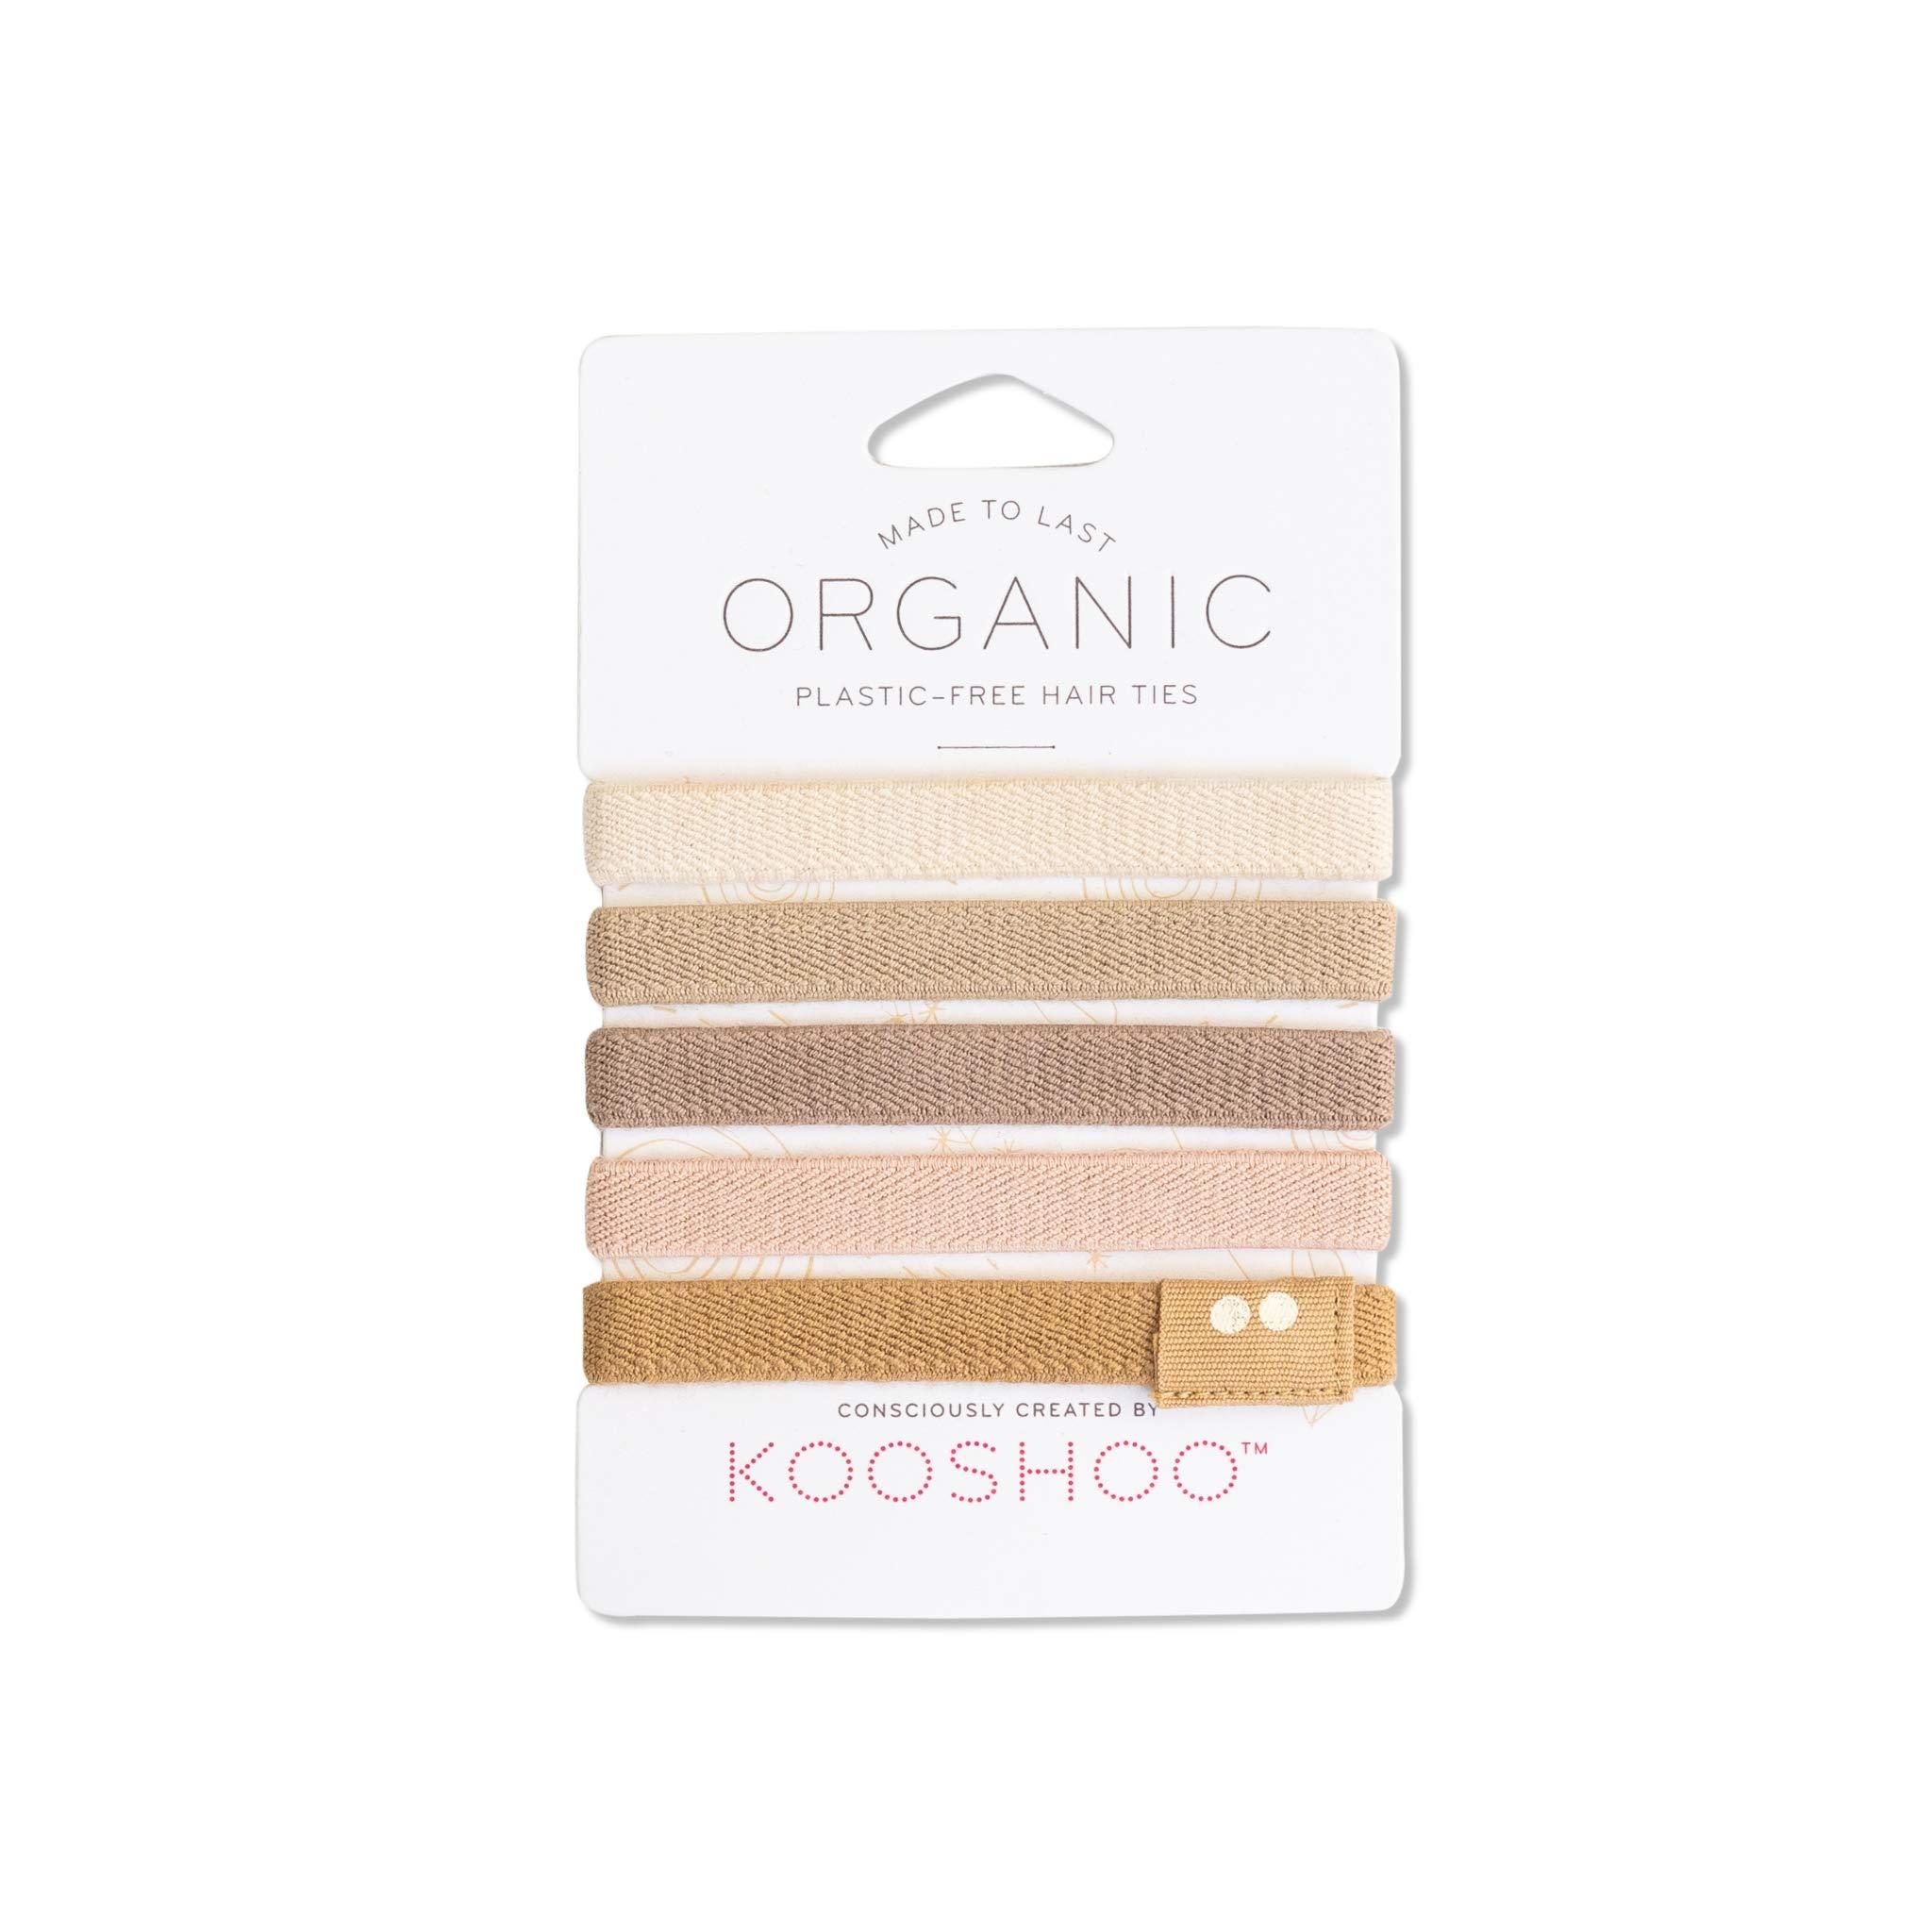 BIODEGRADABLE HAIR TIES in Blond by KOOSHOO | Plastic-Free, Certified Organic Cotton Hair Elastics (5 Pack)